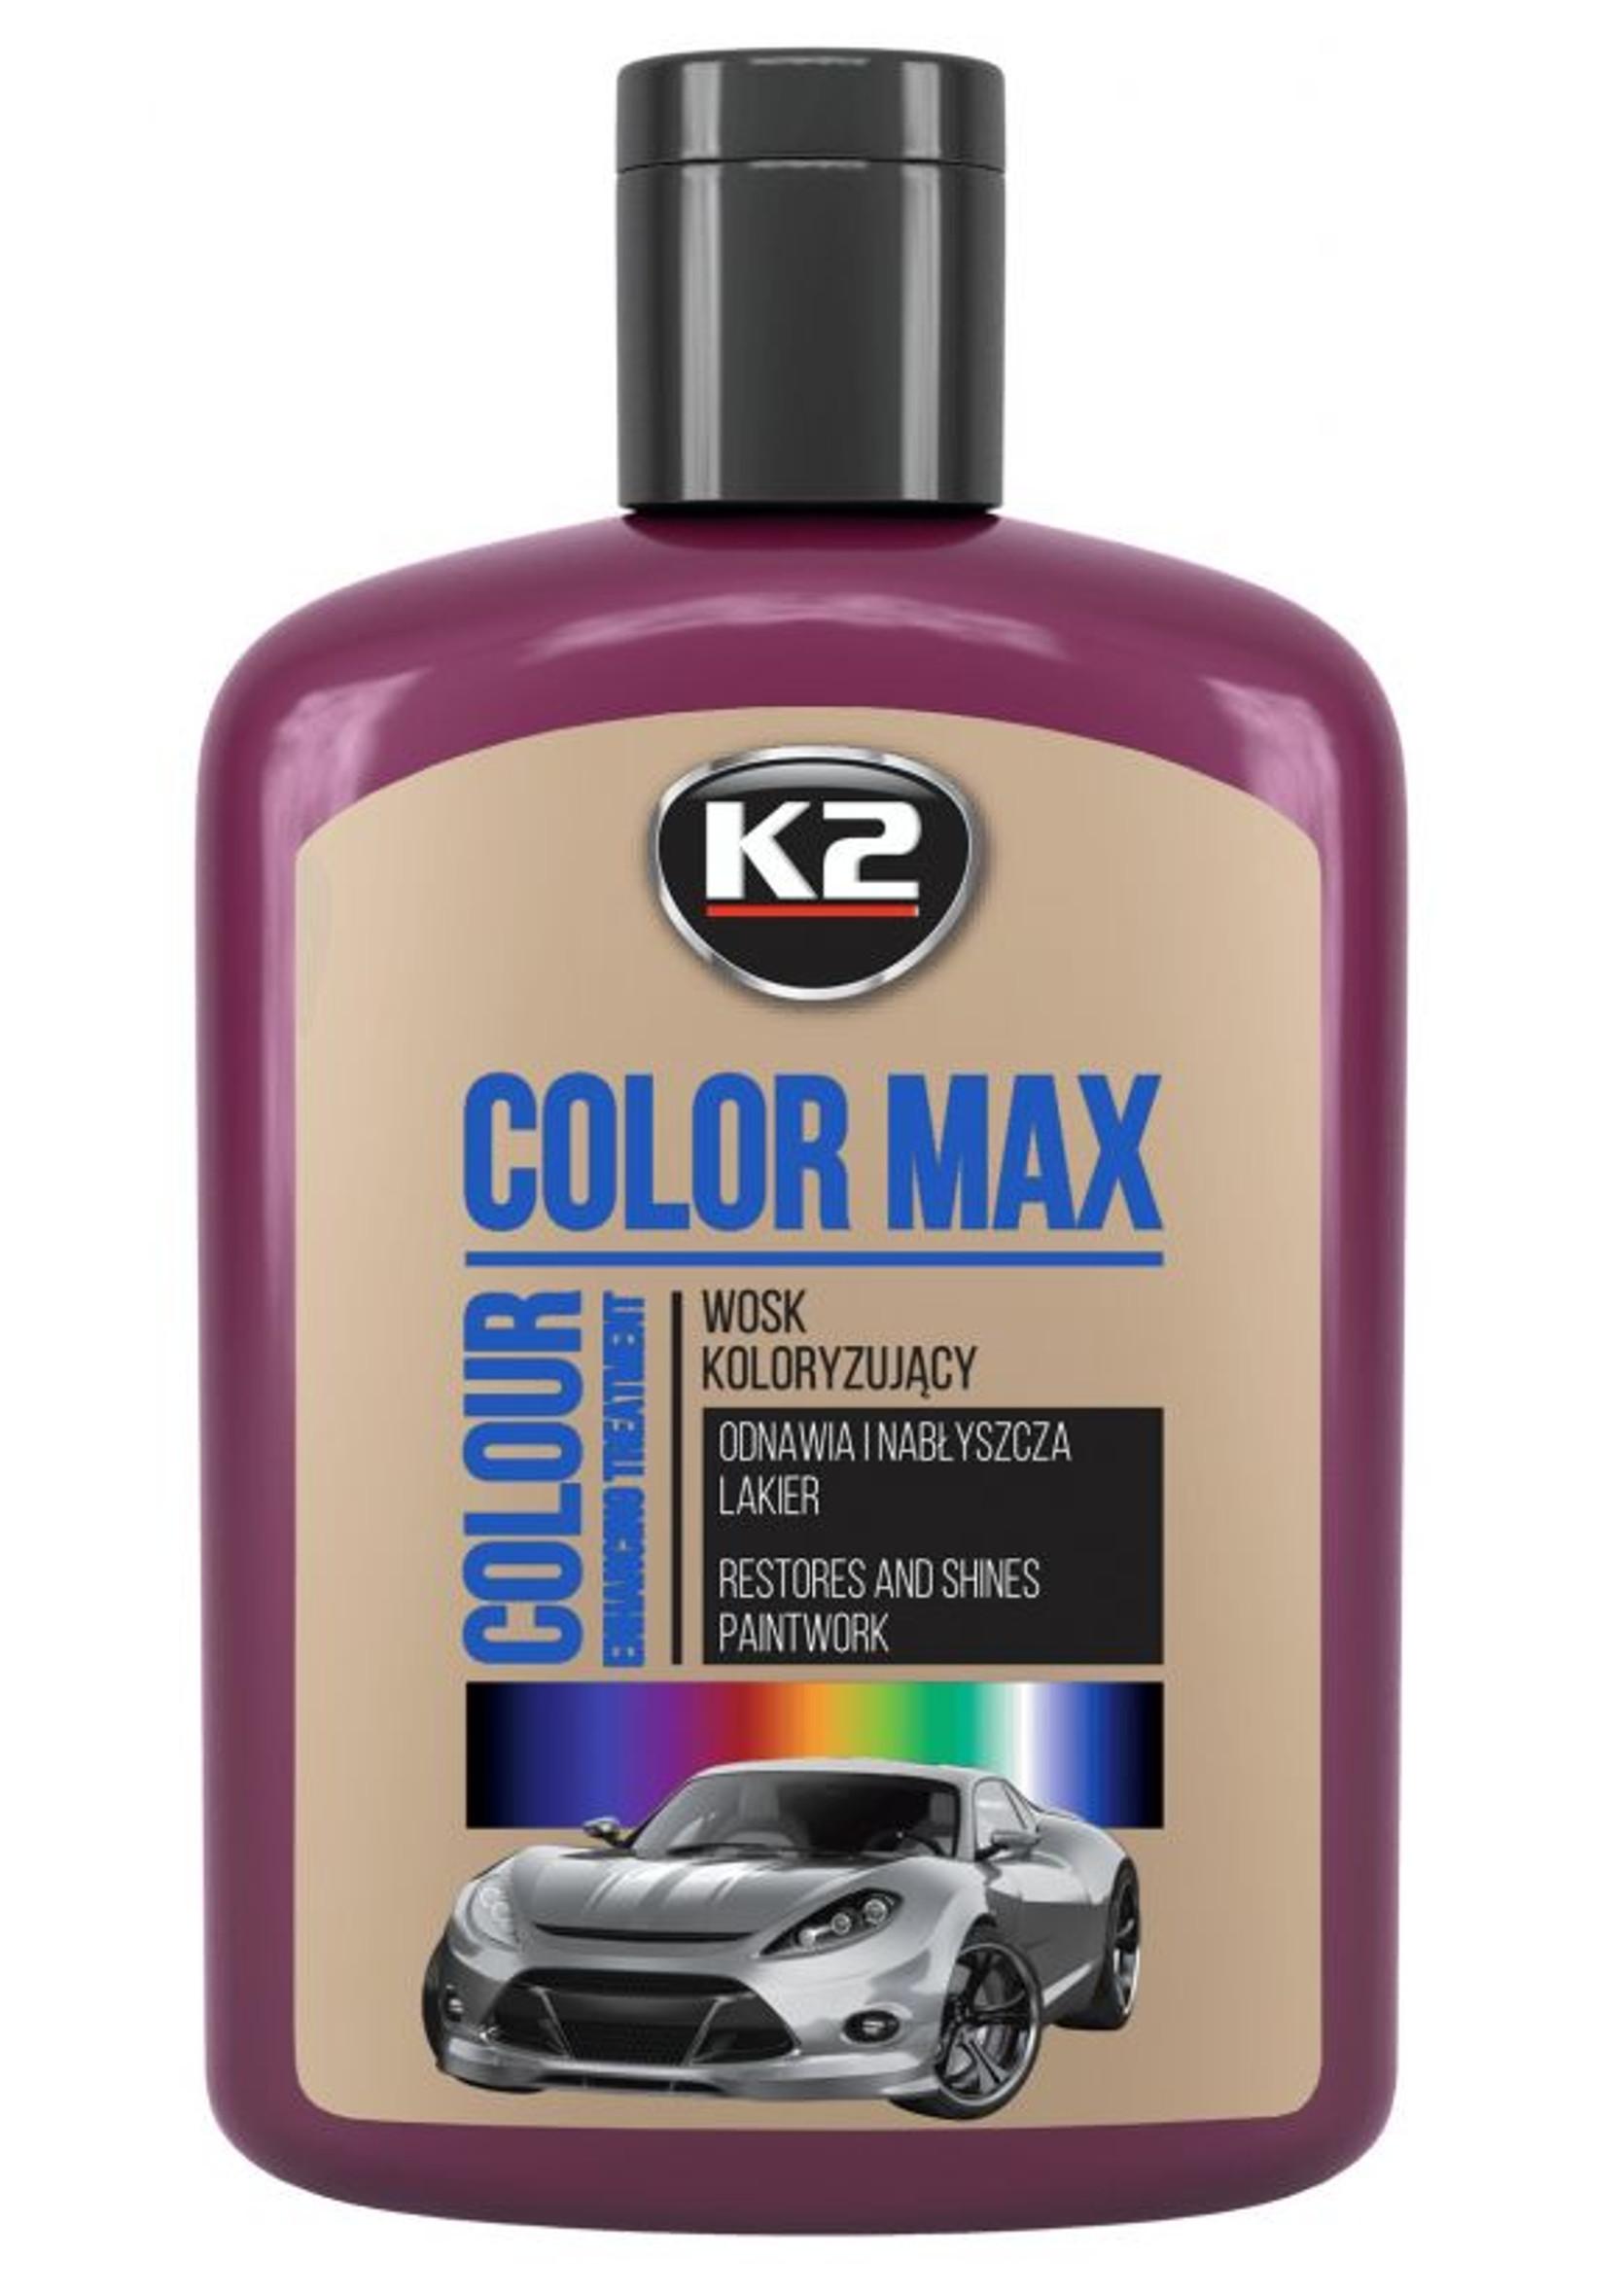 K2 Color Max 200ml Bordowy Wosk Koloryzujący do Lakieru